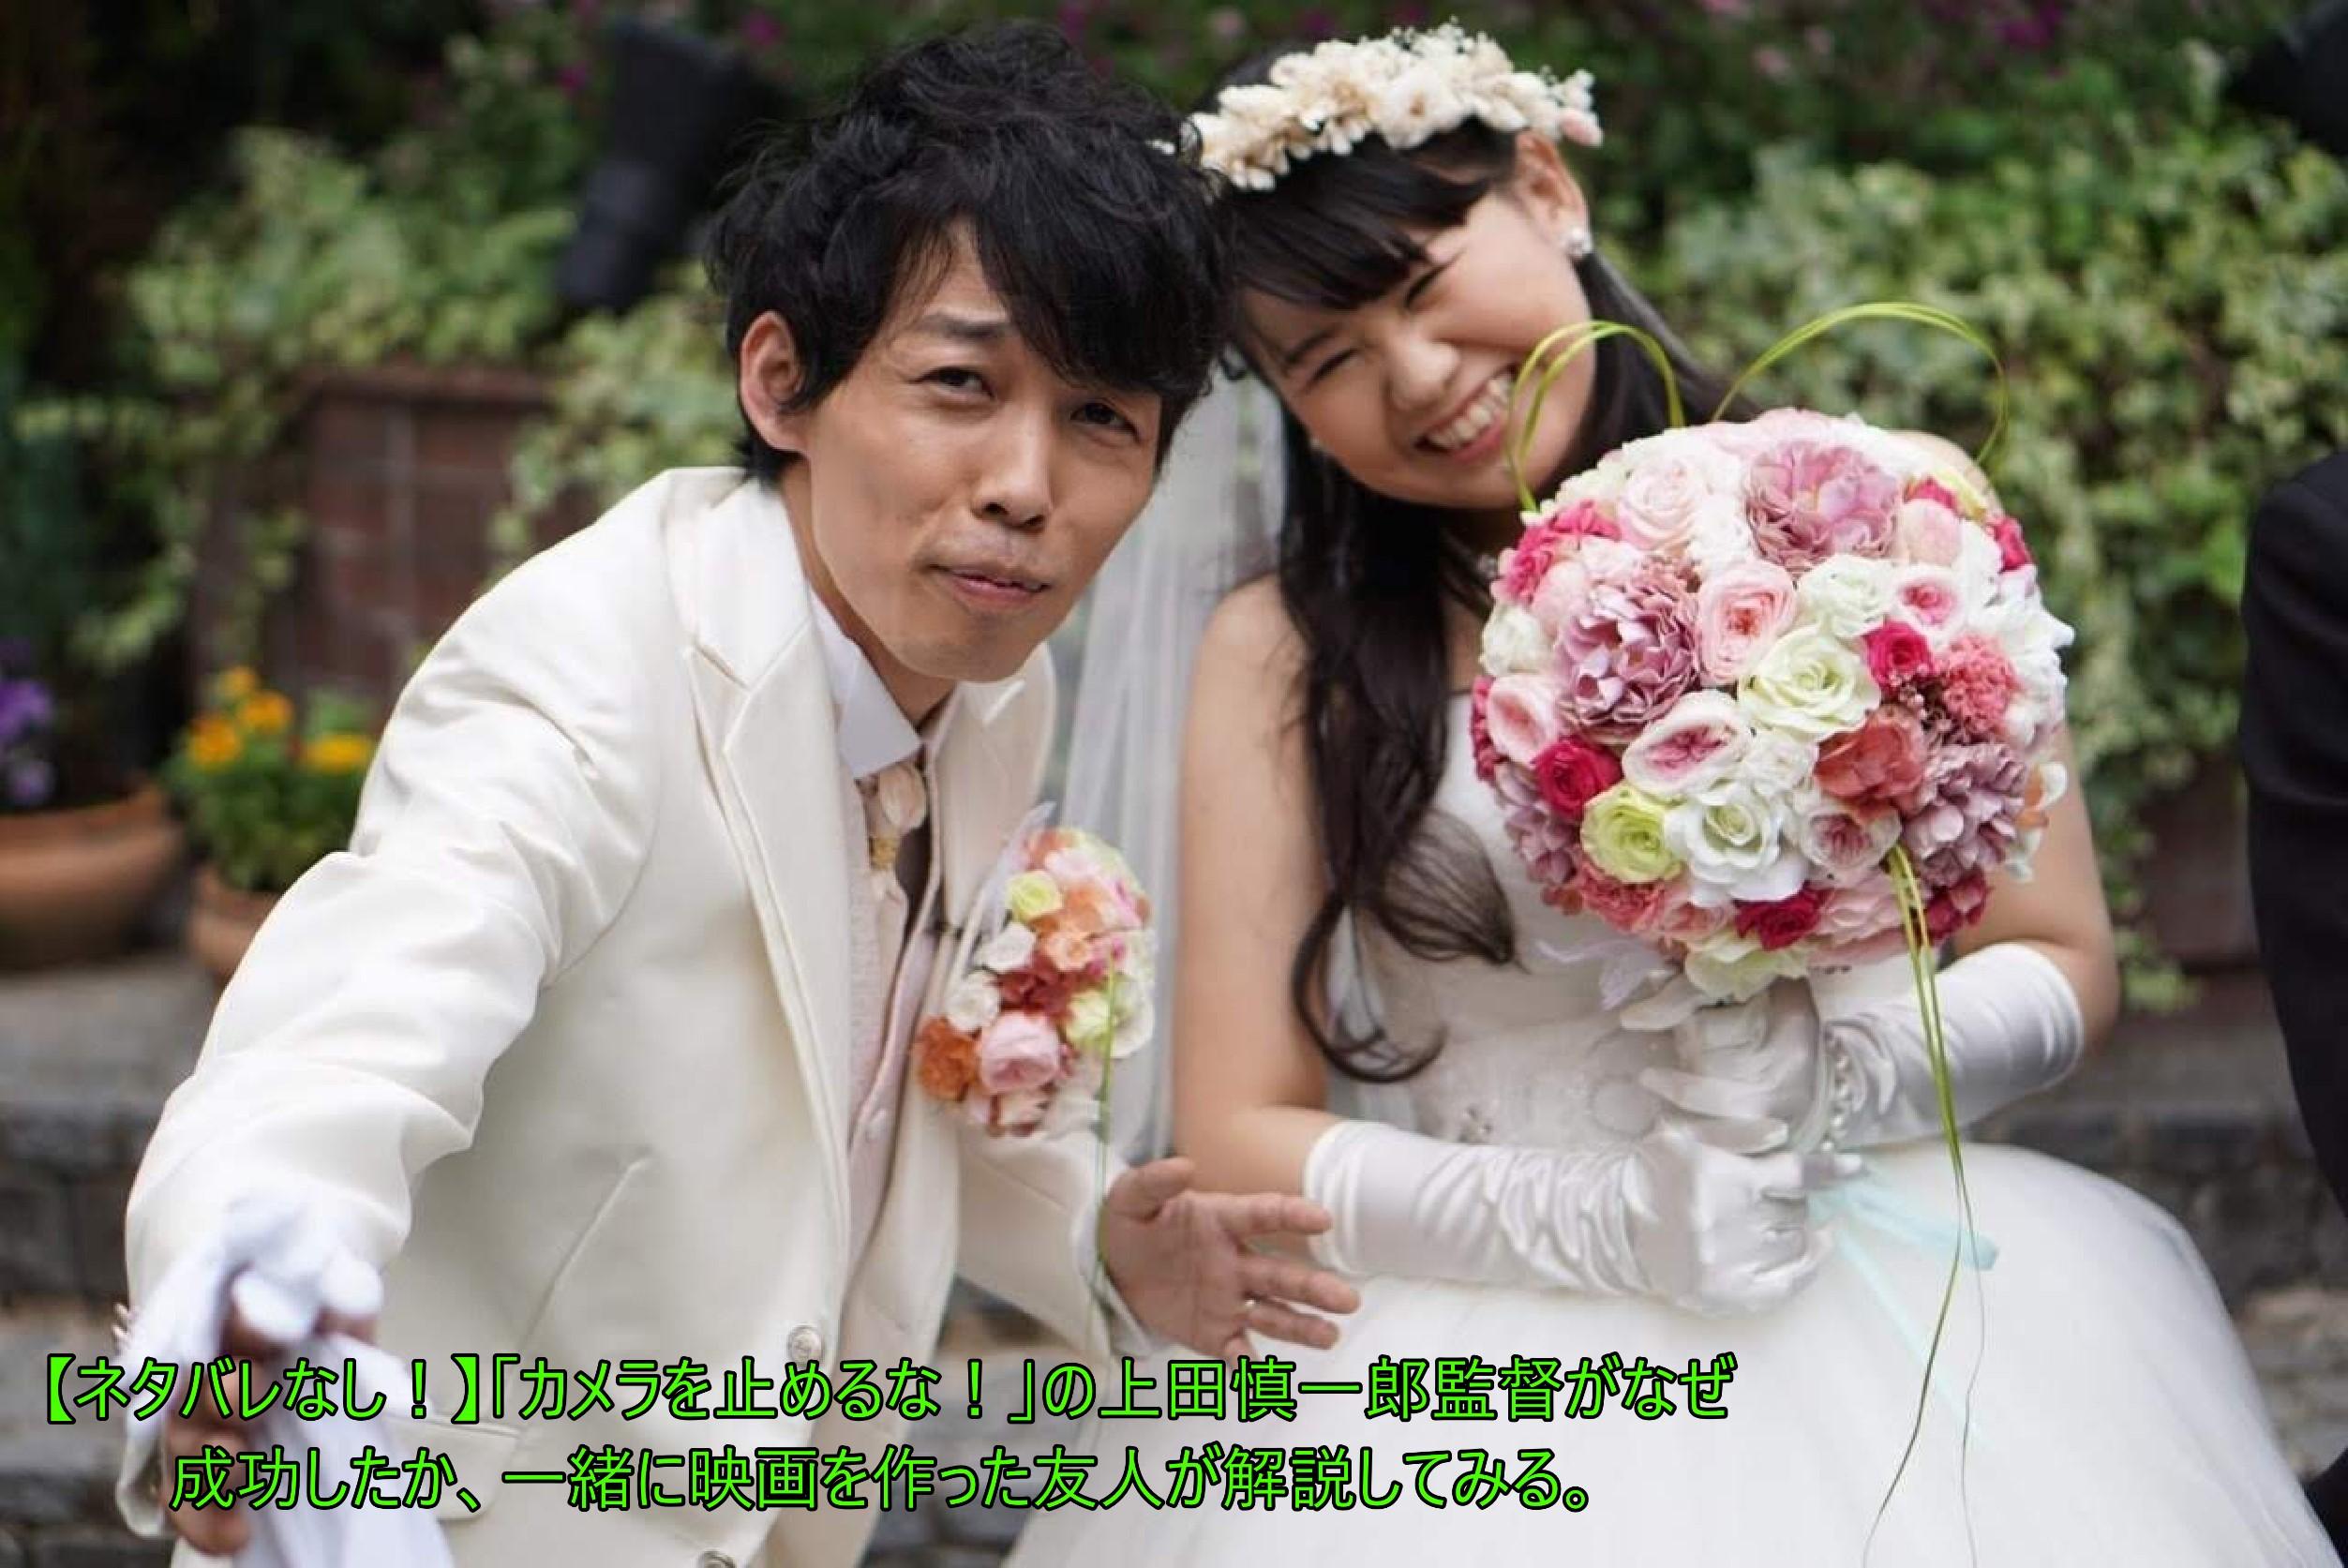 【ネタバレなし!】「カメラを止めるな!」の上田慎一郎監督がなぜ成功したか、一緒に映画を作った友人が解説してみる。